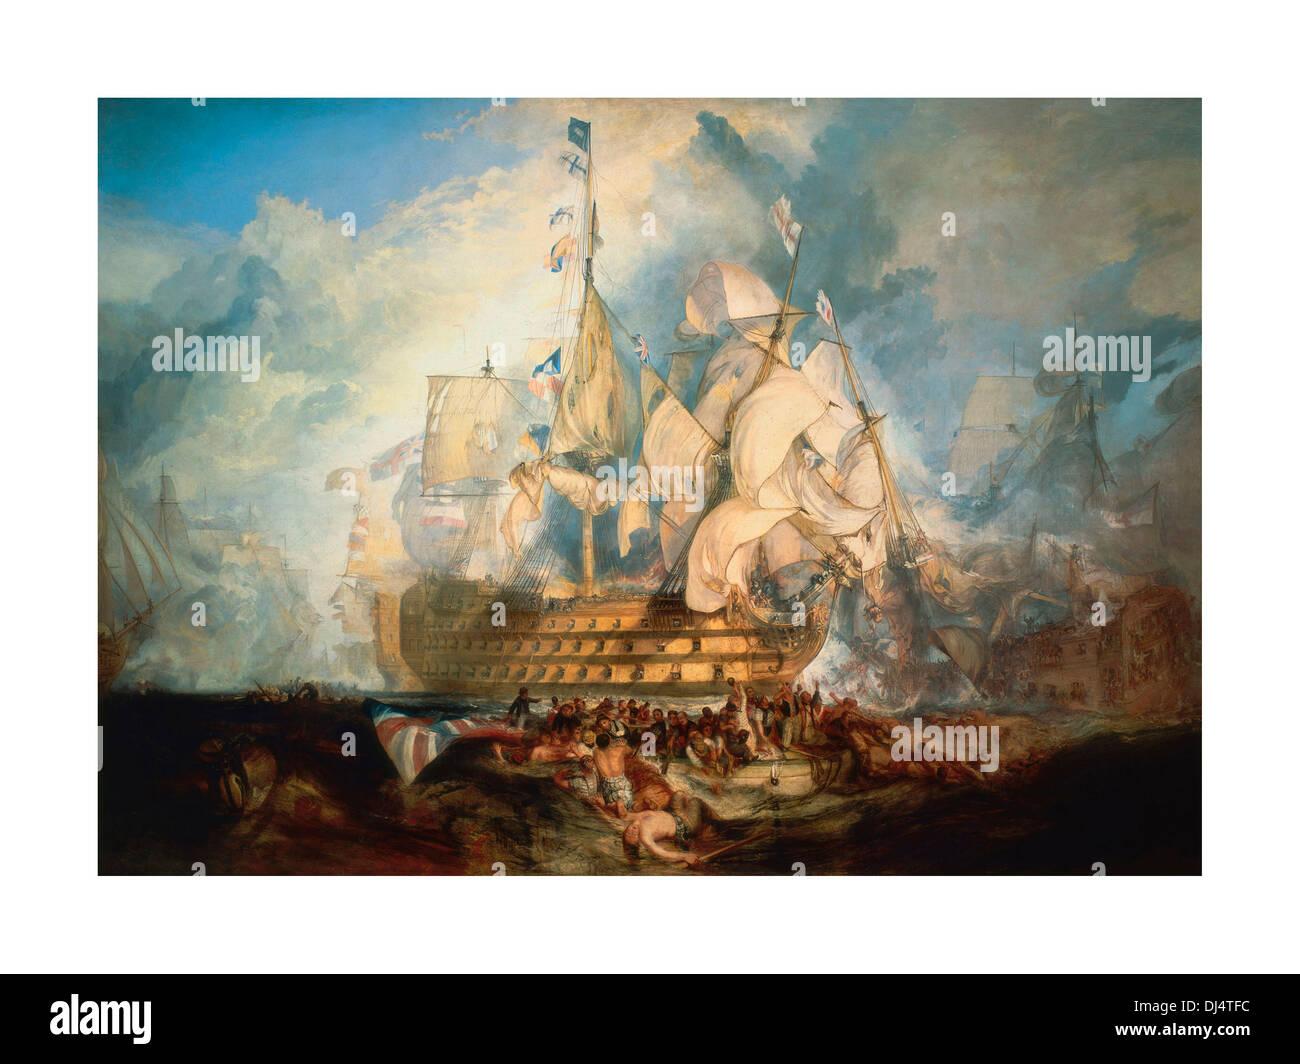 Battle of trafalgar painting stockfotos & battle of trafalgar